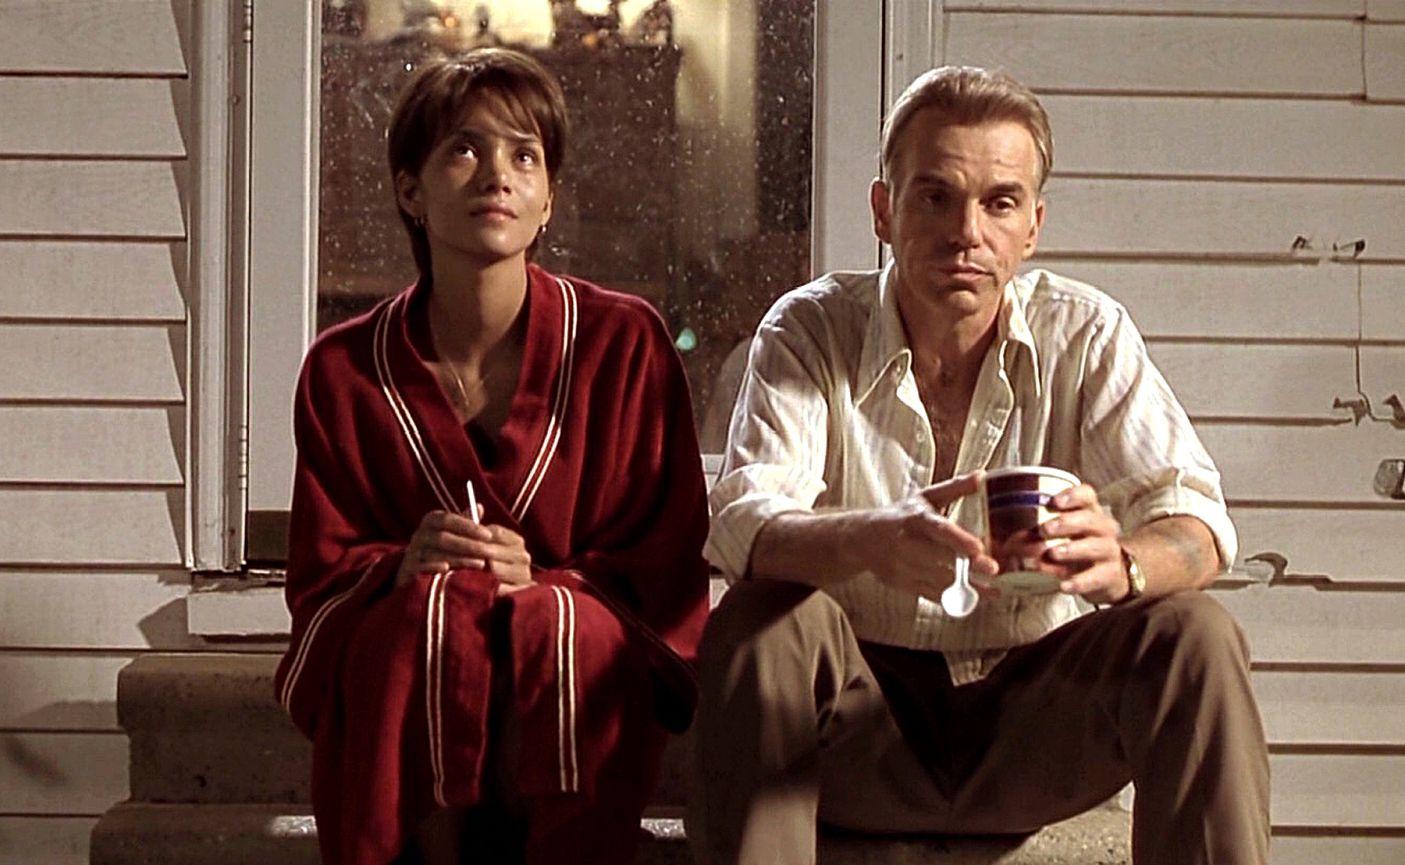 نمایی از فیلم «مهمانی هیولا» اثری دیگر از مارک فورستر. فیلم در سال 2001 ساخته و نامزد بهترین فیلمنامهی غیراقتباسی در اسکار شد. همچنین هلیبری برای این فیلم اسکار بهترین نقش اول زن را گرفت.